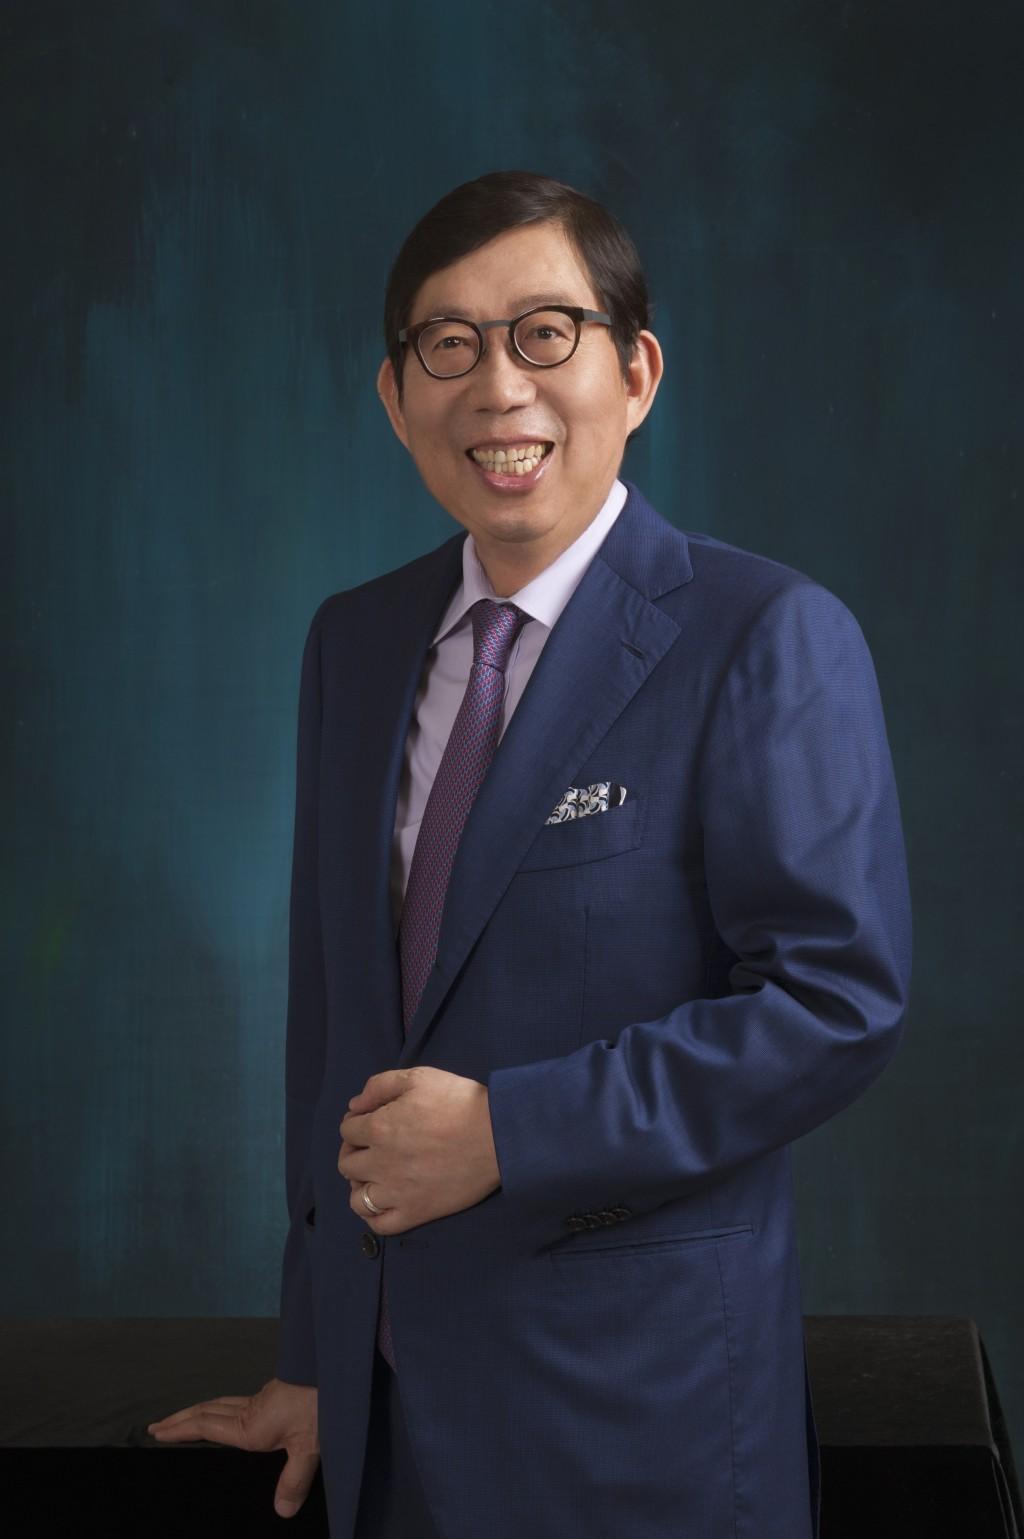 2021年《財星》全球500大排行榜揭曉,富邦金控排名第388名且連續四年入榜,是台灣唯一四度入榜的金控公司。(照片來源:富邦金控提供)